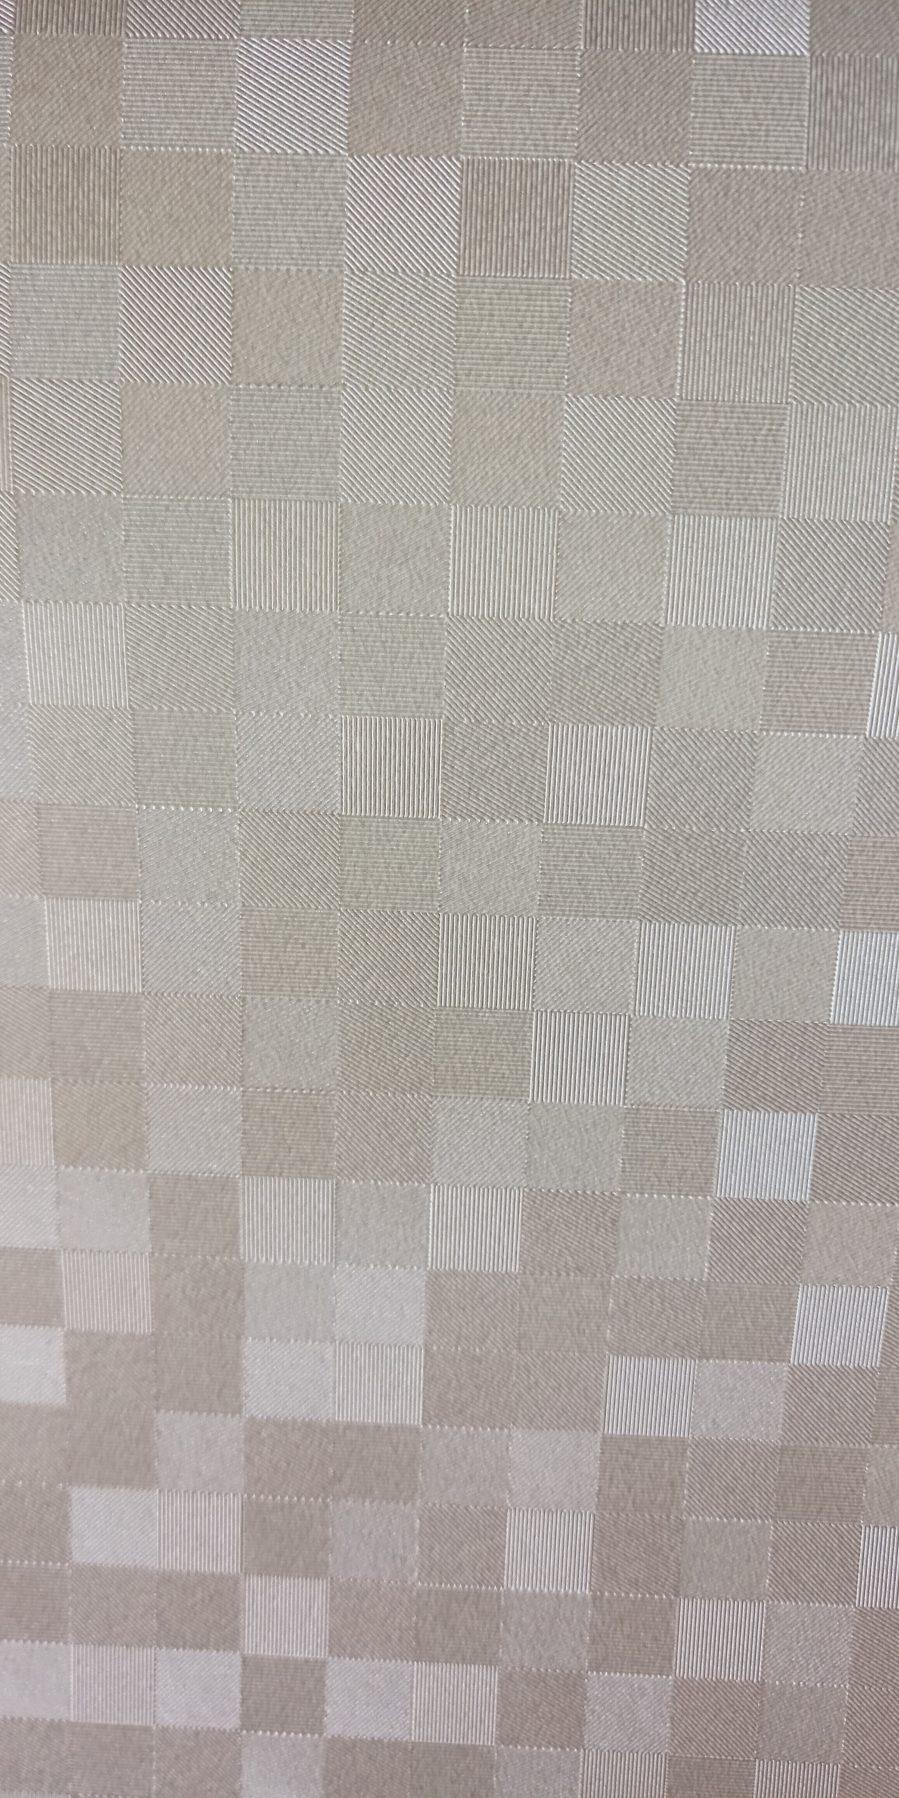 Silver wallpaper design on special offer Ks 800 per roll at Wallpaper Kenya as long as stocks last